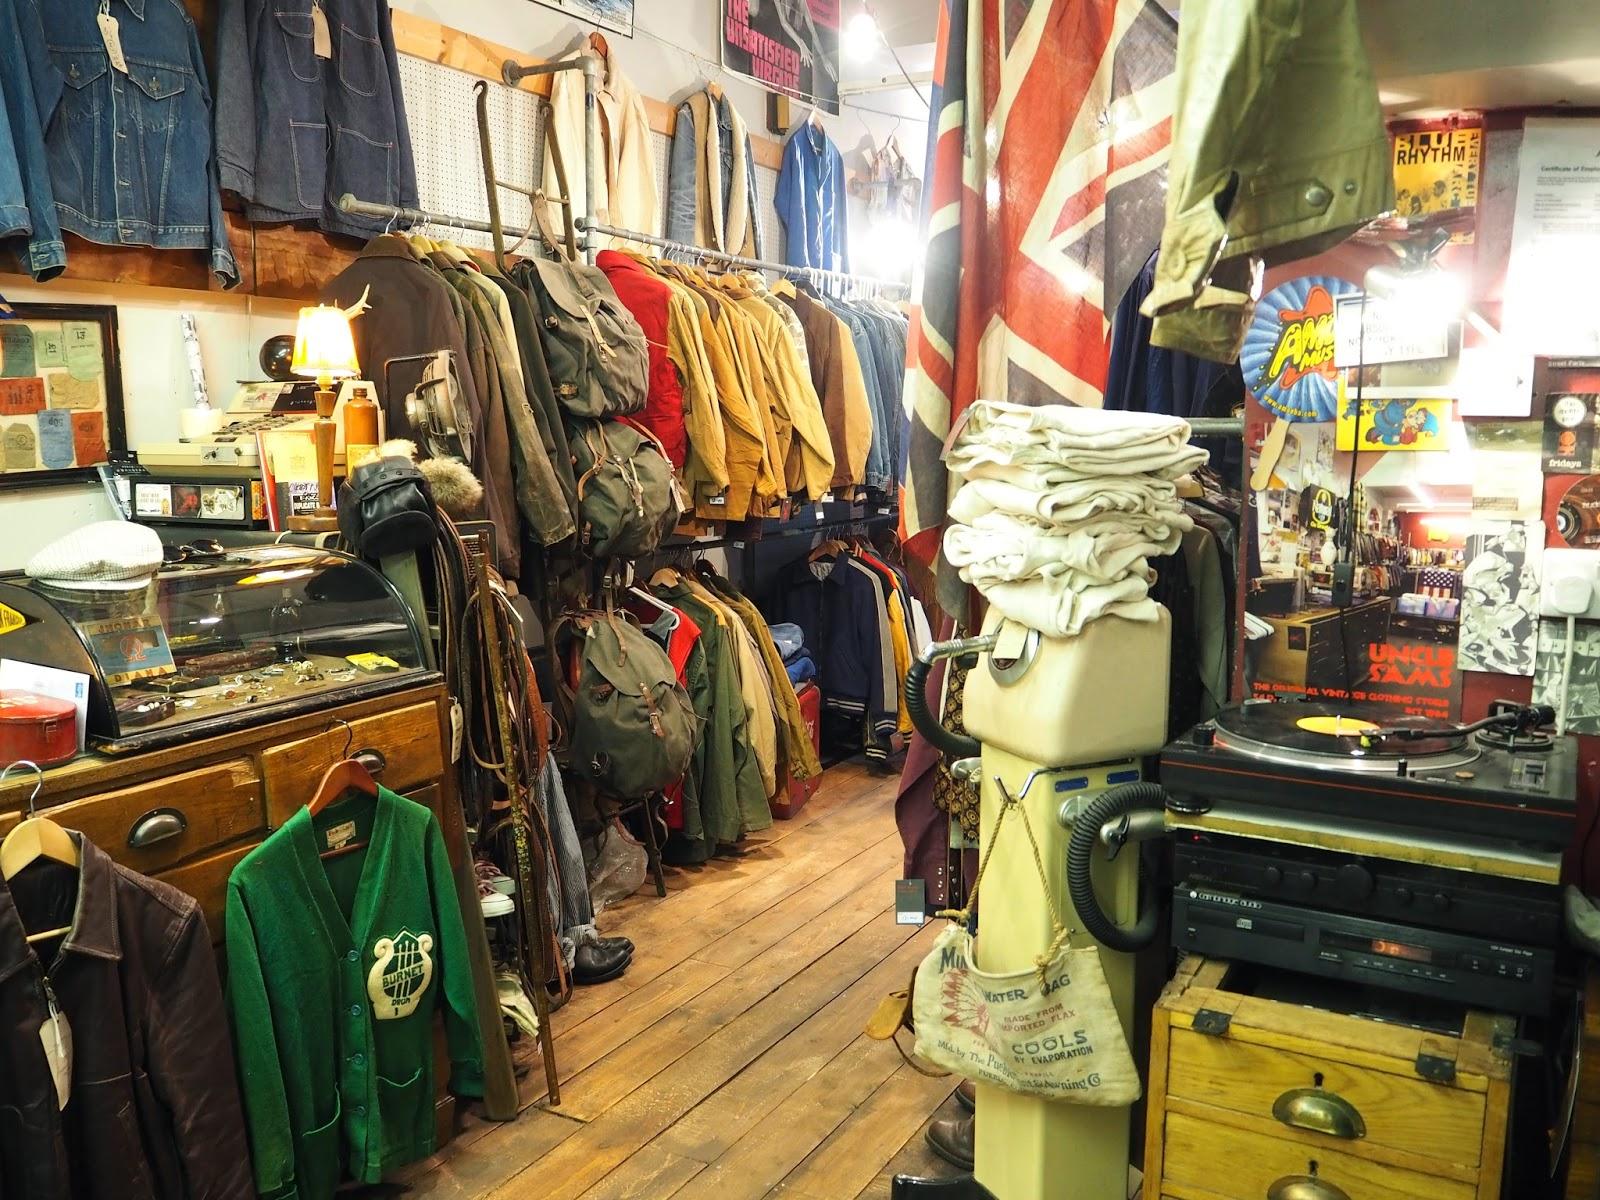 Uncle Sam's American vintage clothes shop Park Street Bristol